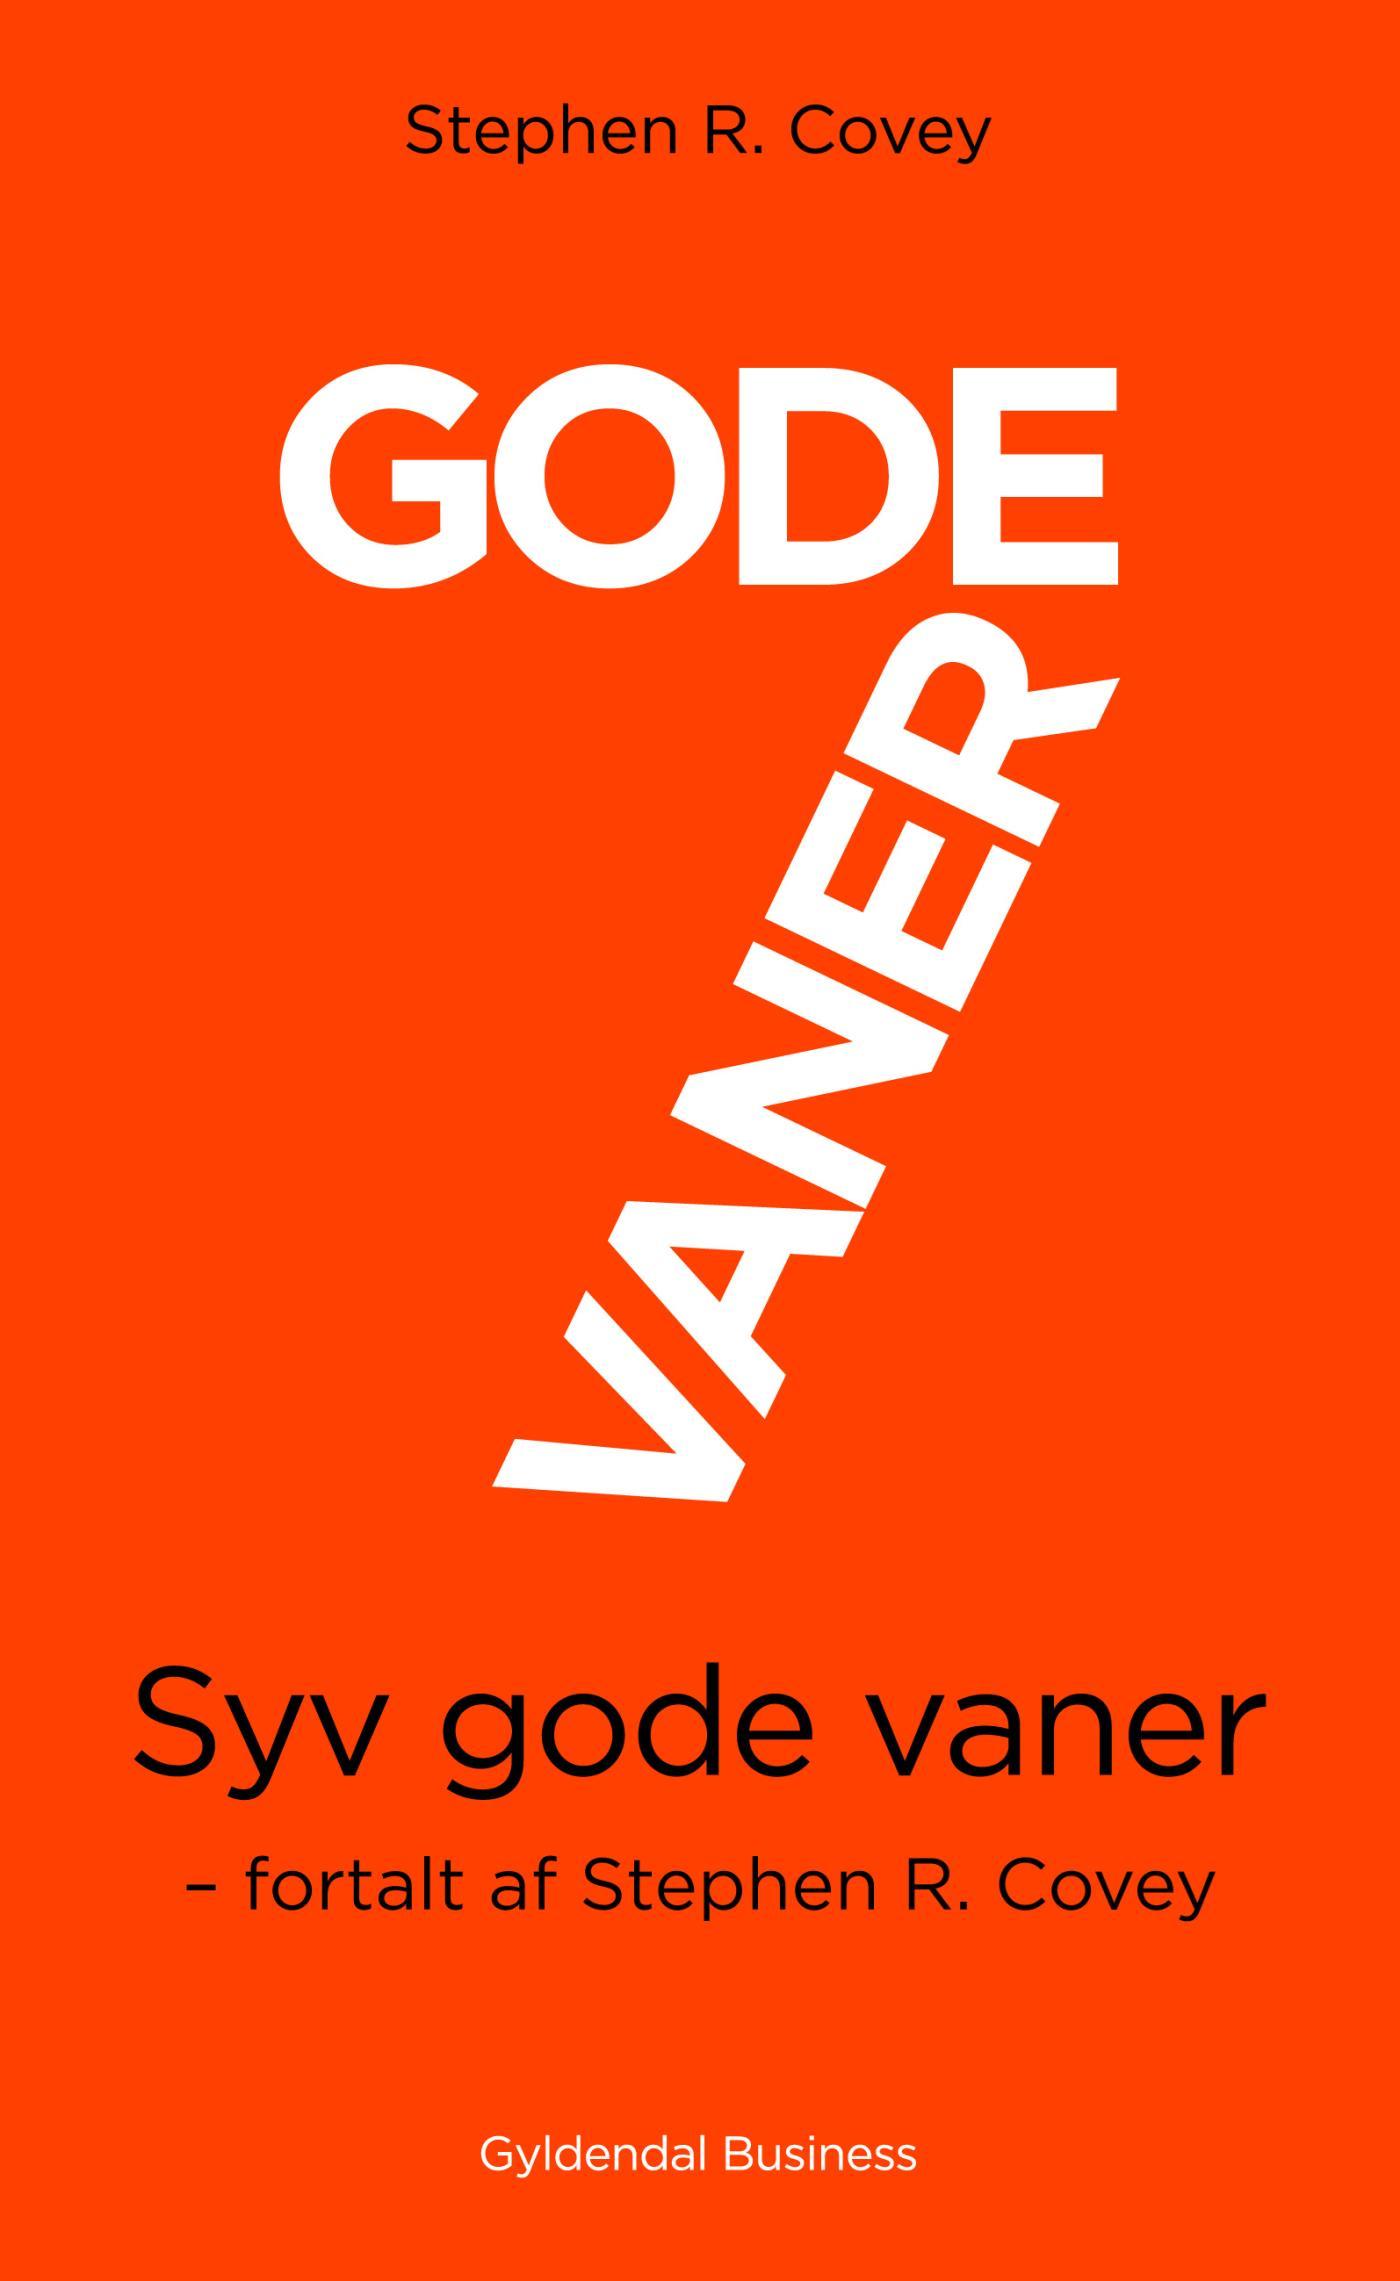 7 gode vaner (kort udgave) - e-bog fra N/A fra bog & mystik